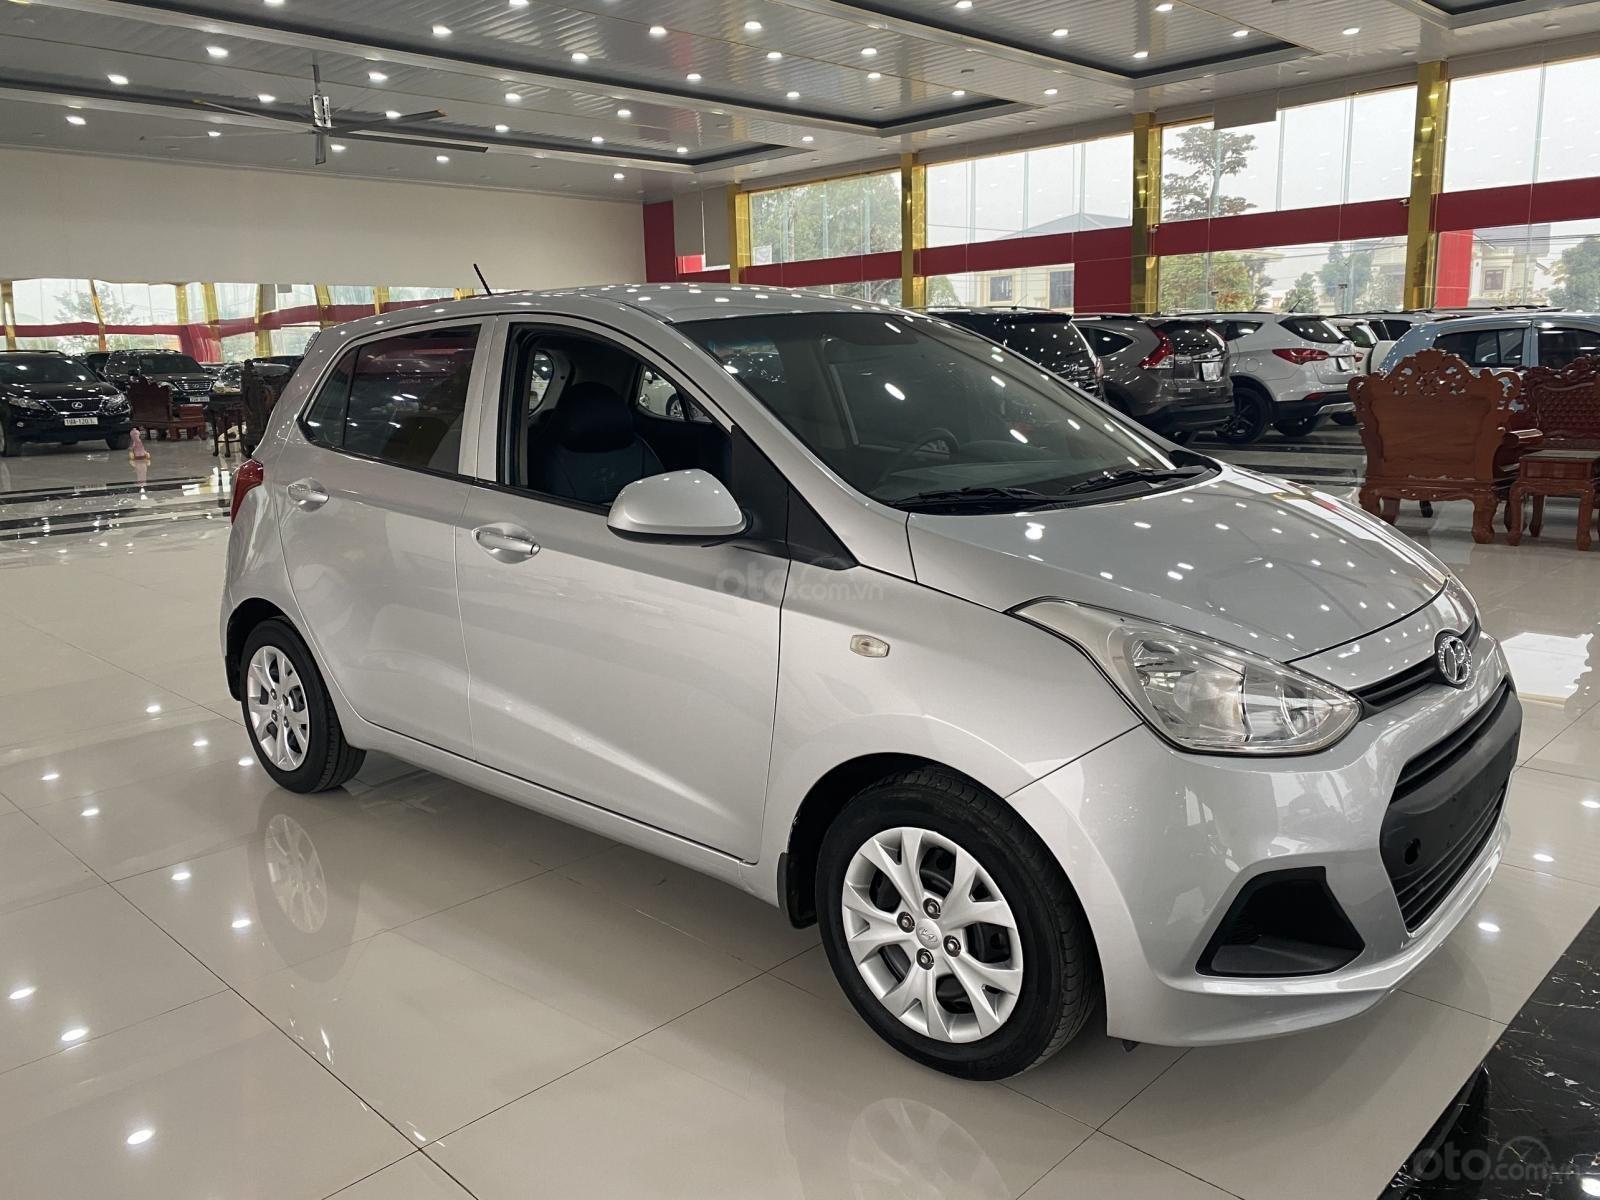 Bán gấp với giá ưu đãi Hyundai i10 1.0 MT sx 2014 (4)